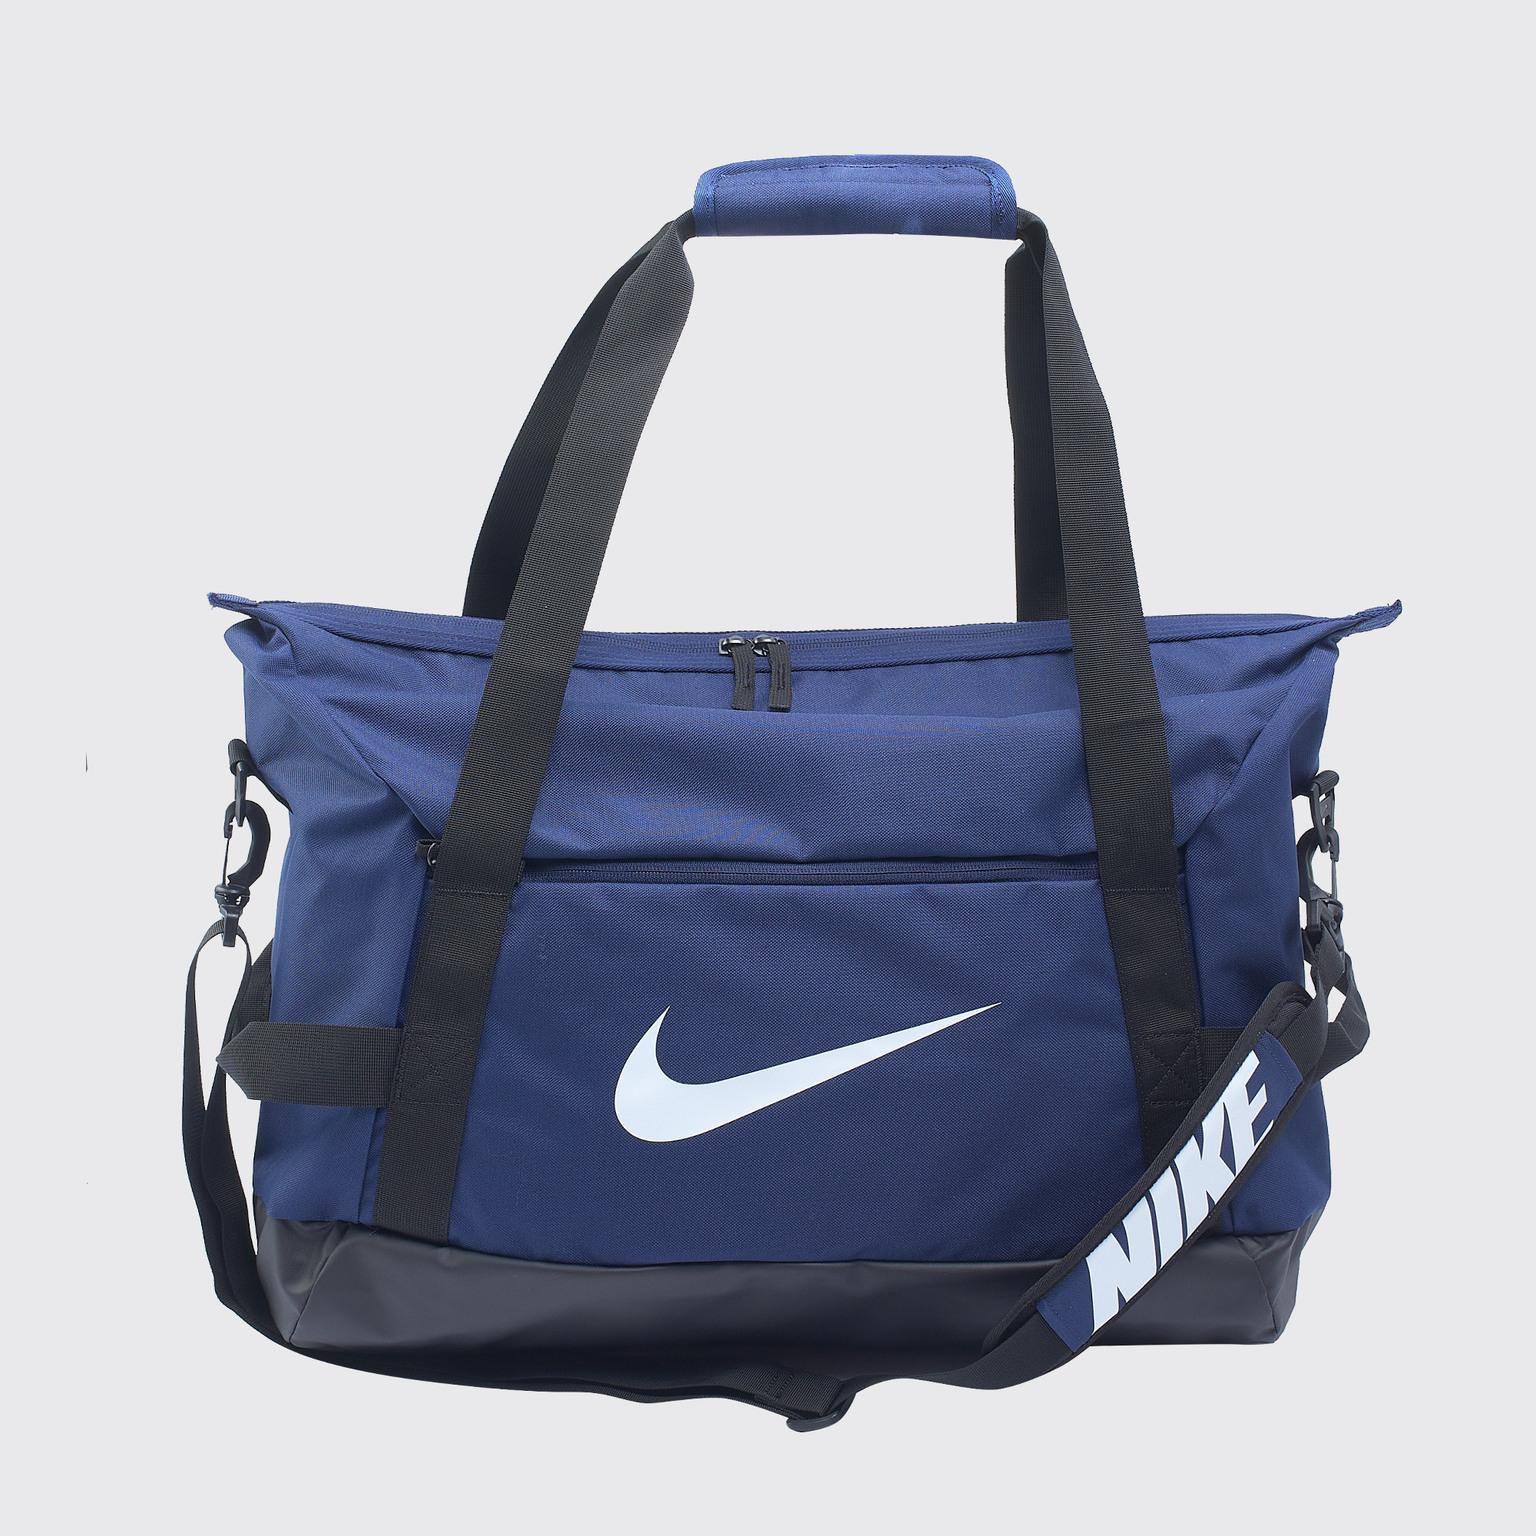 Фото - Сумка Nike Academy Team M CV7829-410 органайзер для хранения вещей eva черное золото 4 отделения 30 х 30 х 10 см